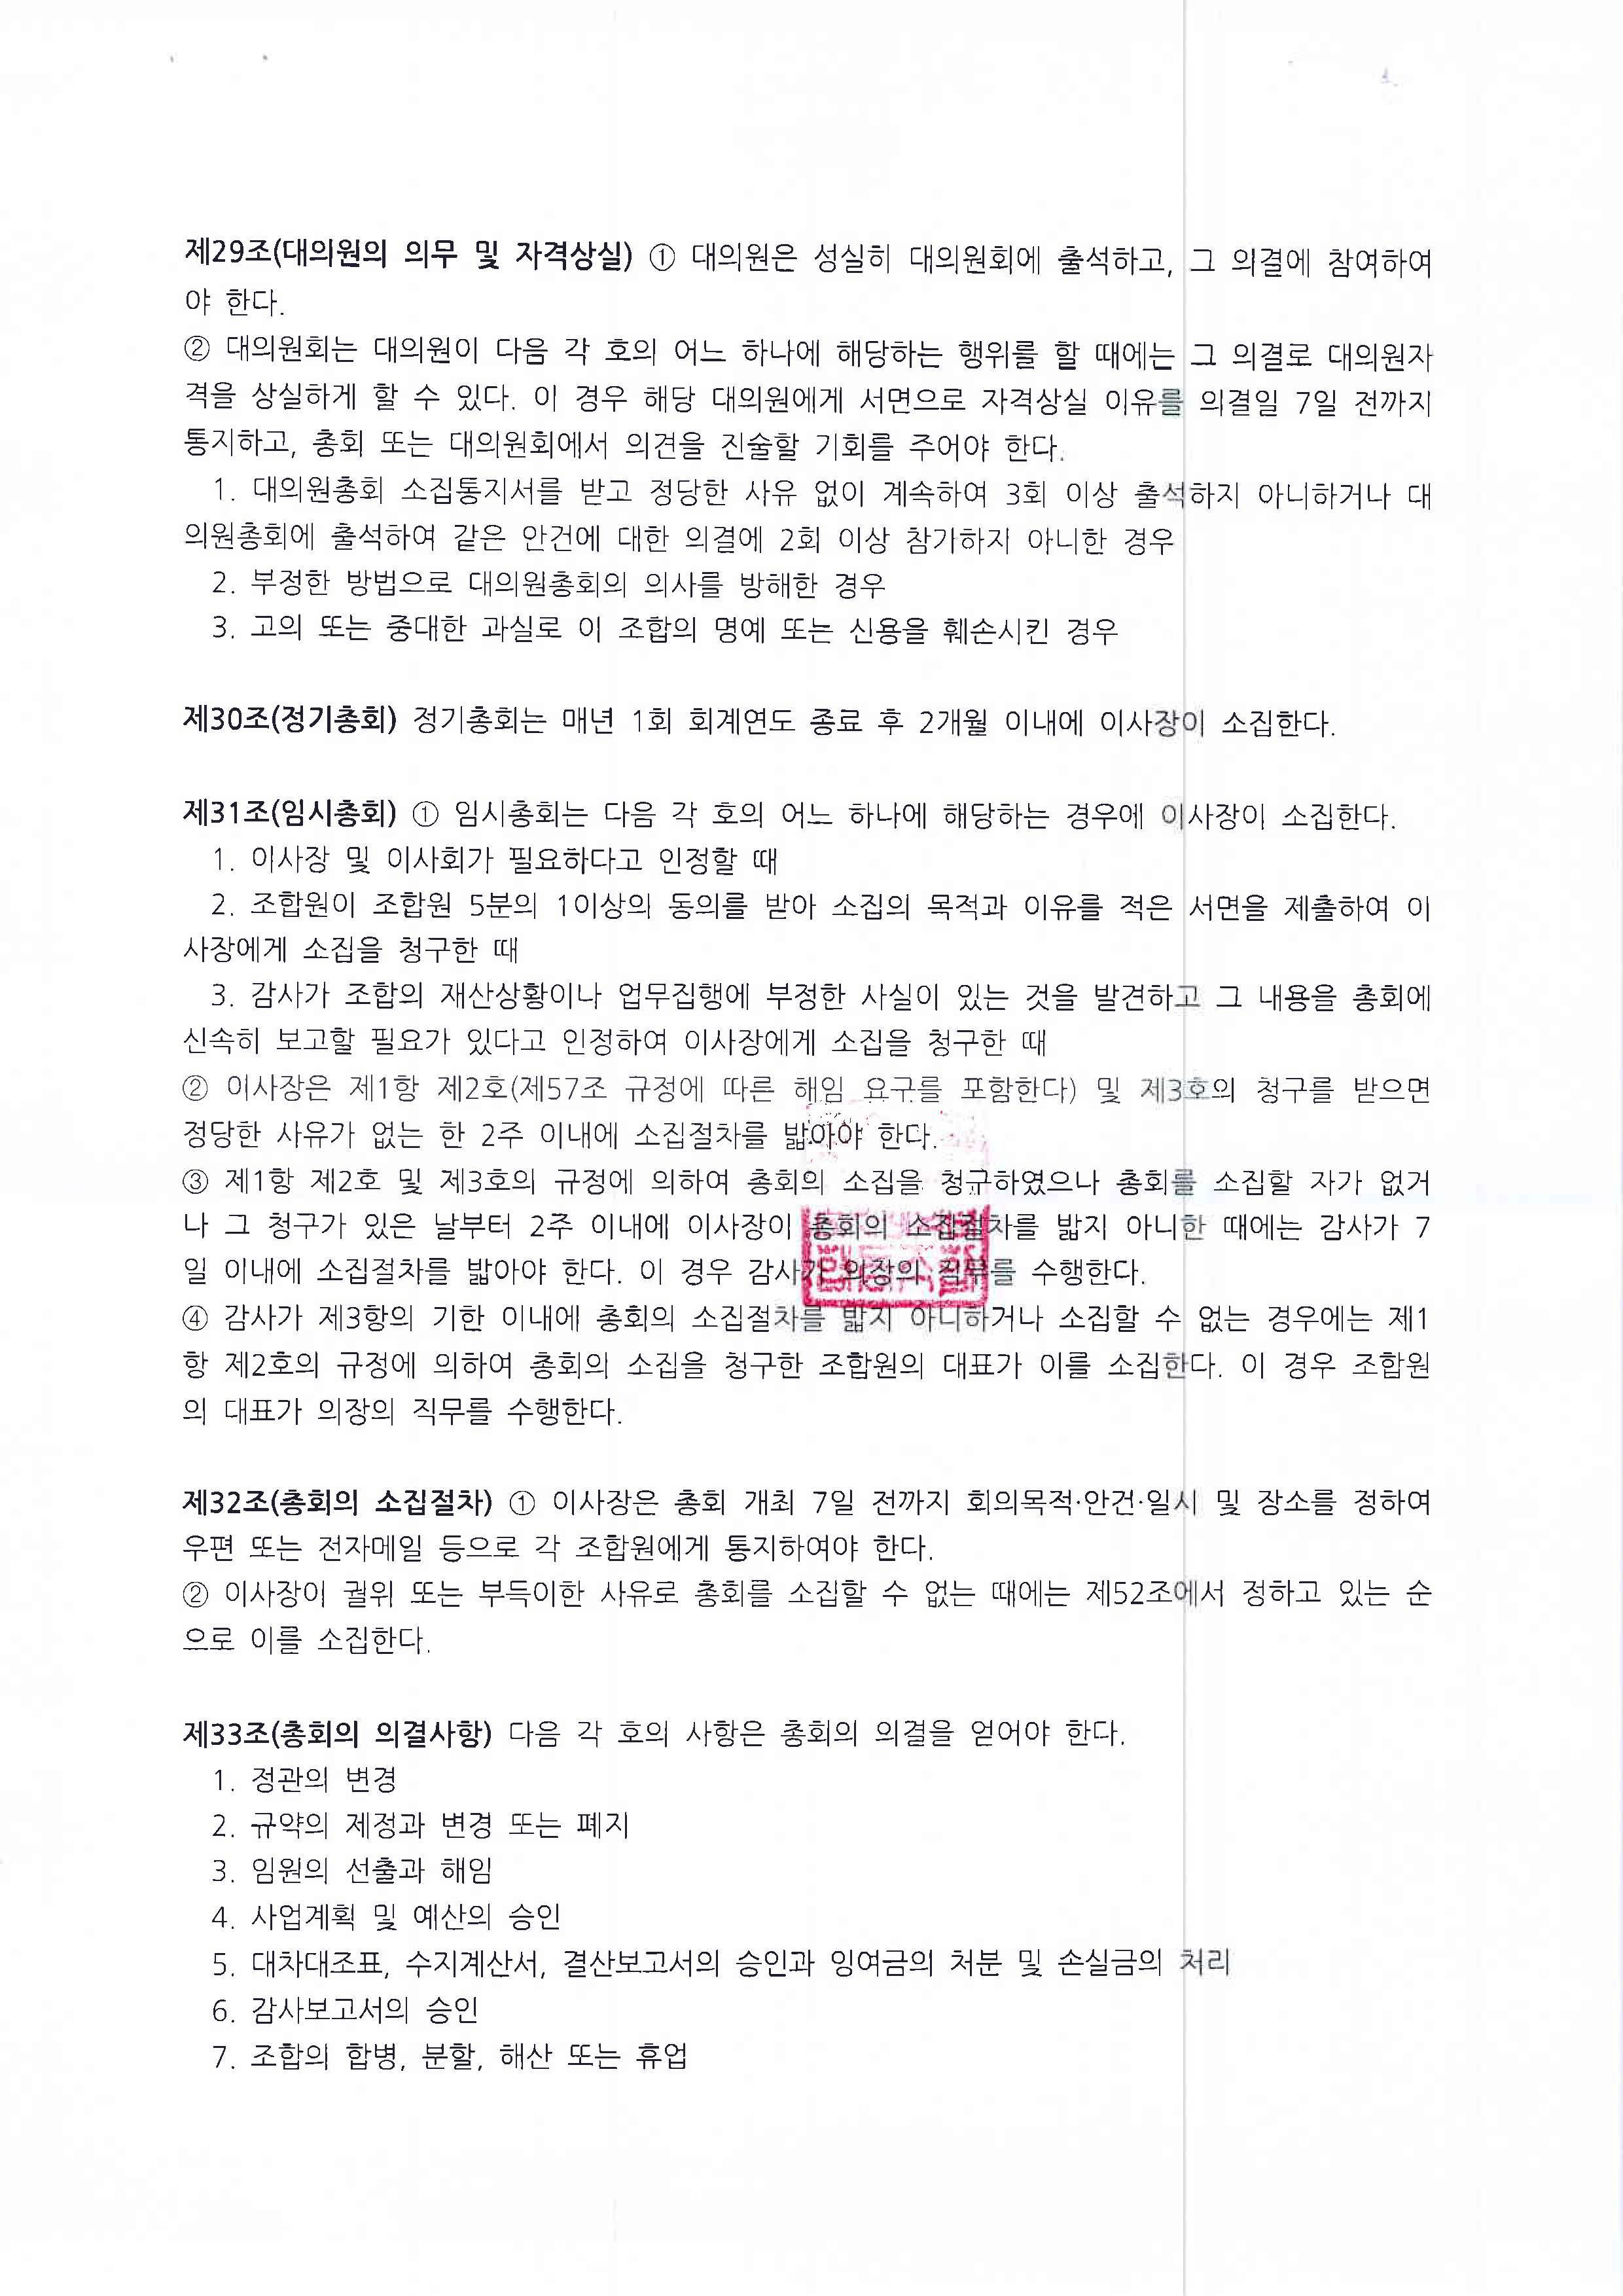 정관(20차 총회 개정안 반영)-원본대조필_페이지_08.jpg